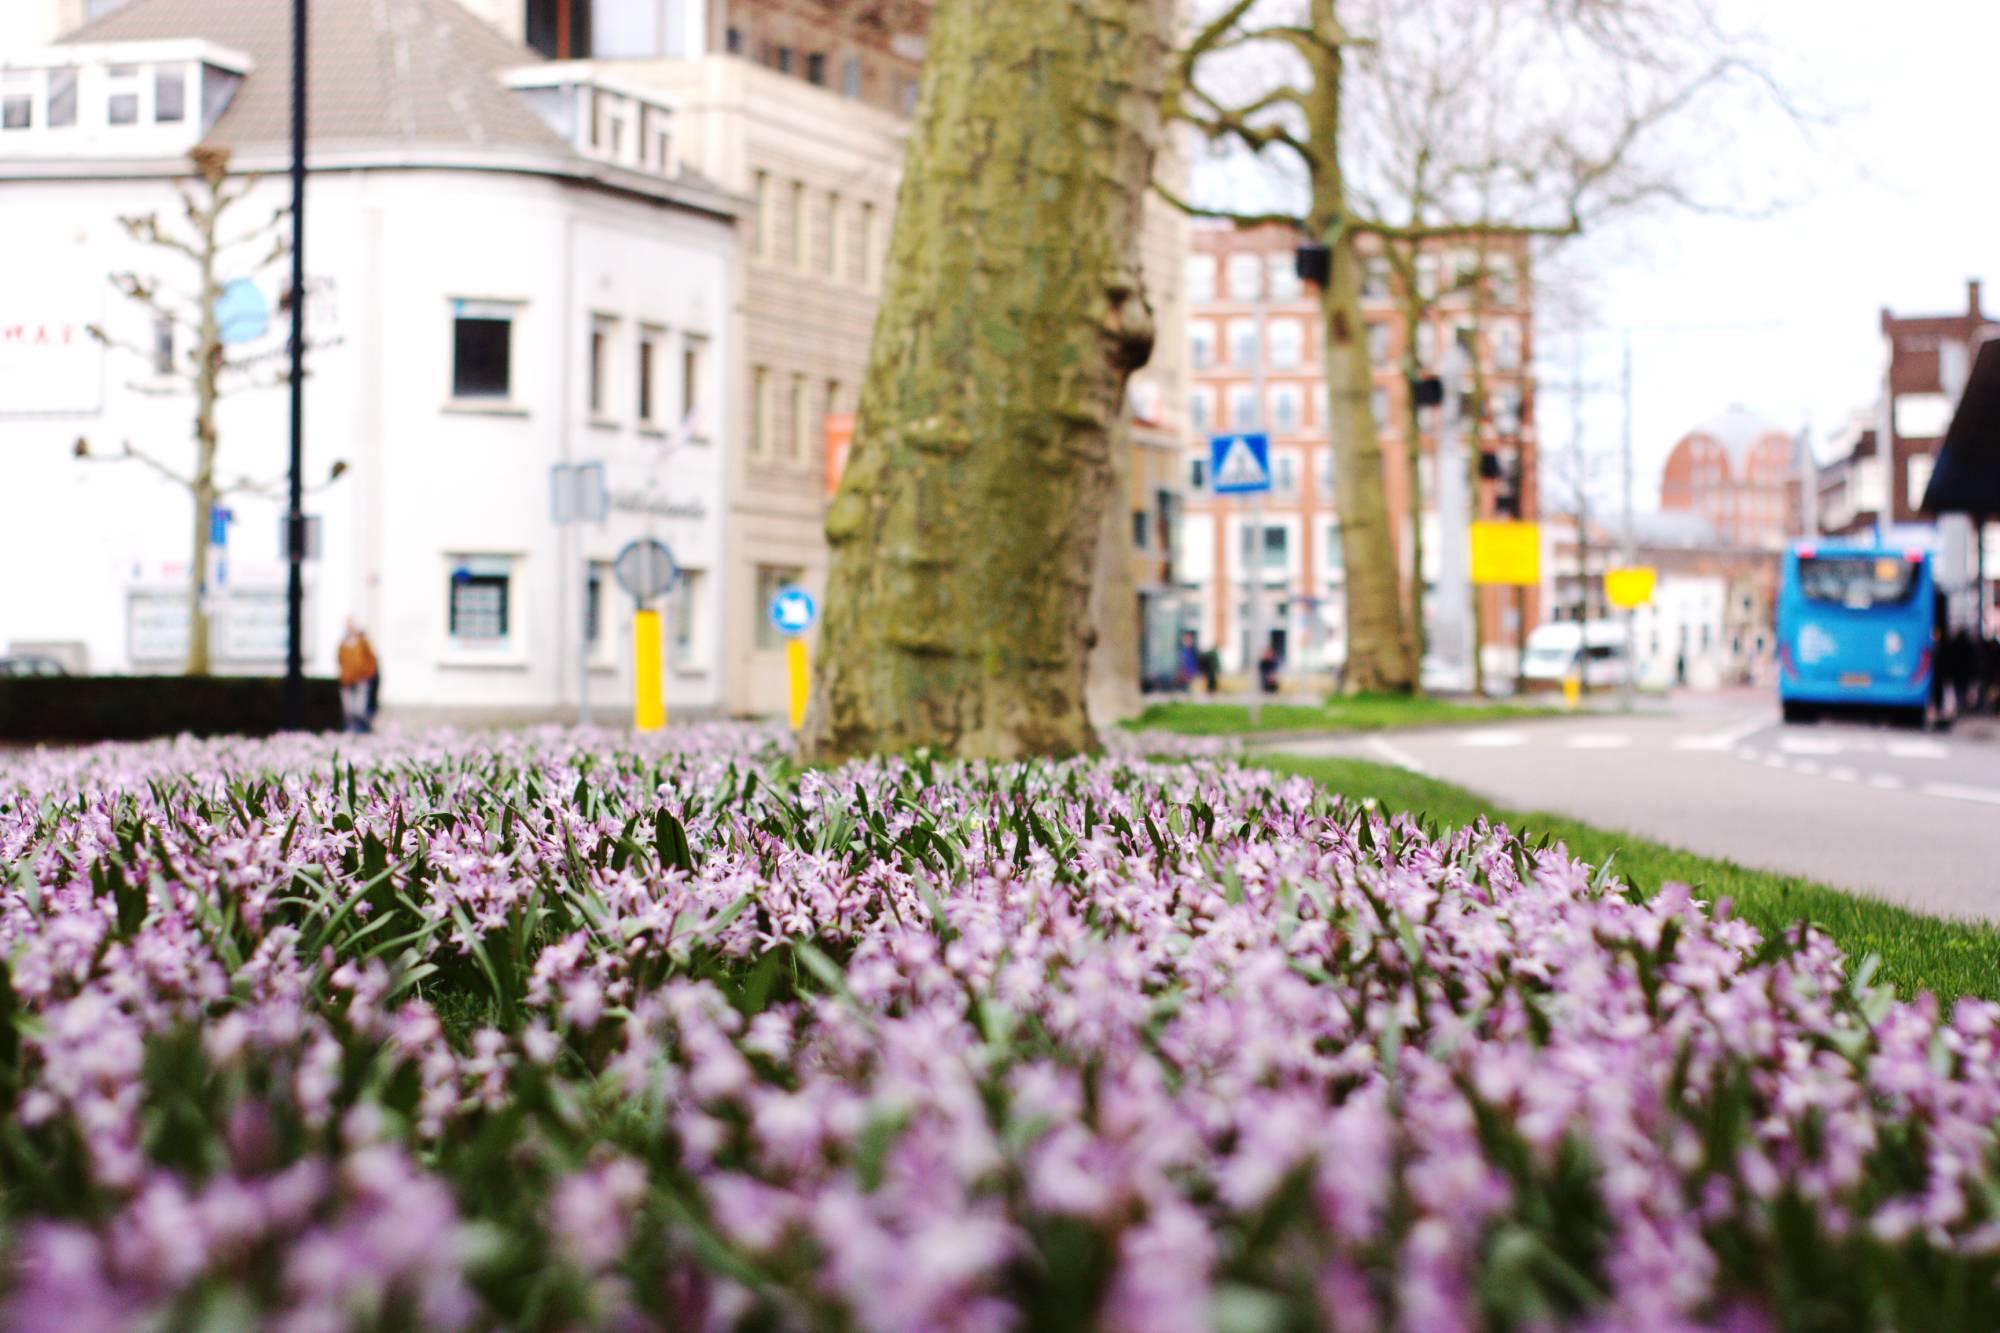 Lente voorjaar Dordrecht weersvoorspelling weer Johan de Wittstraat